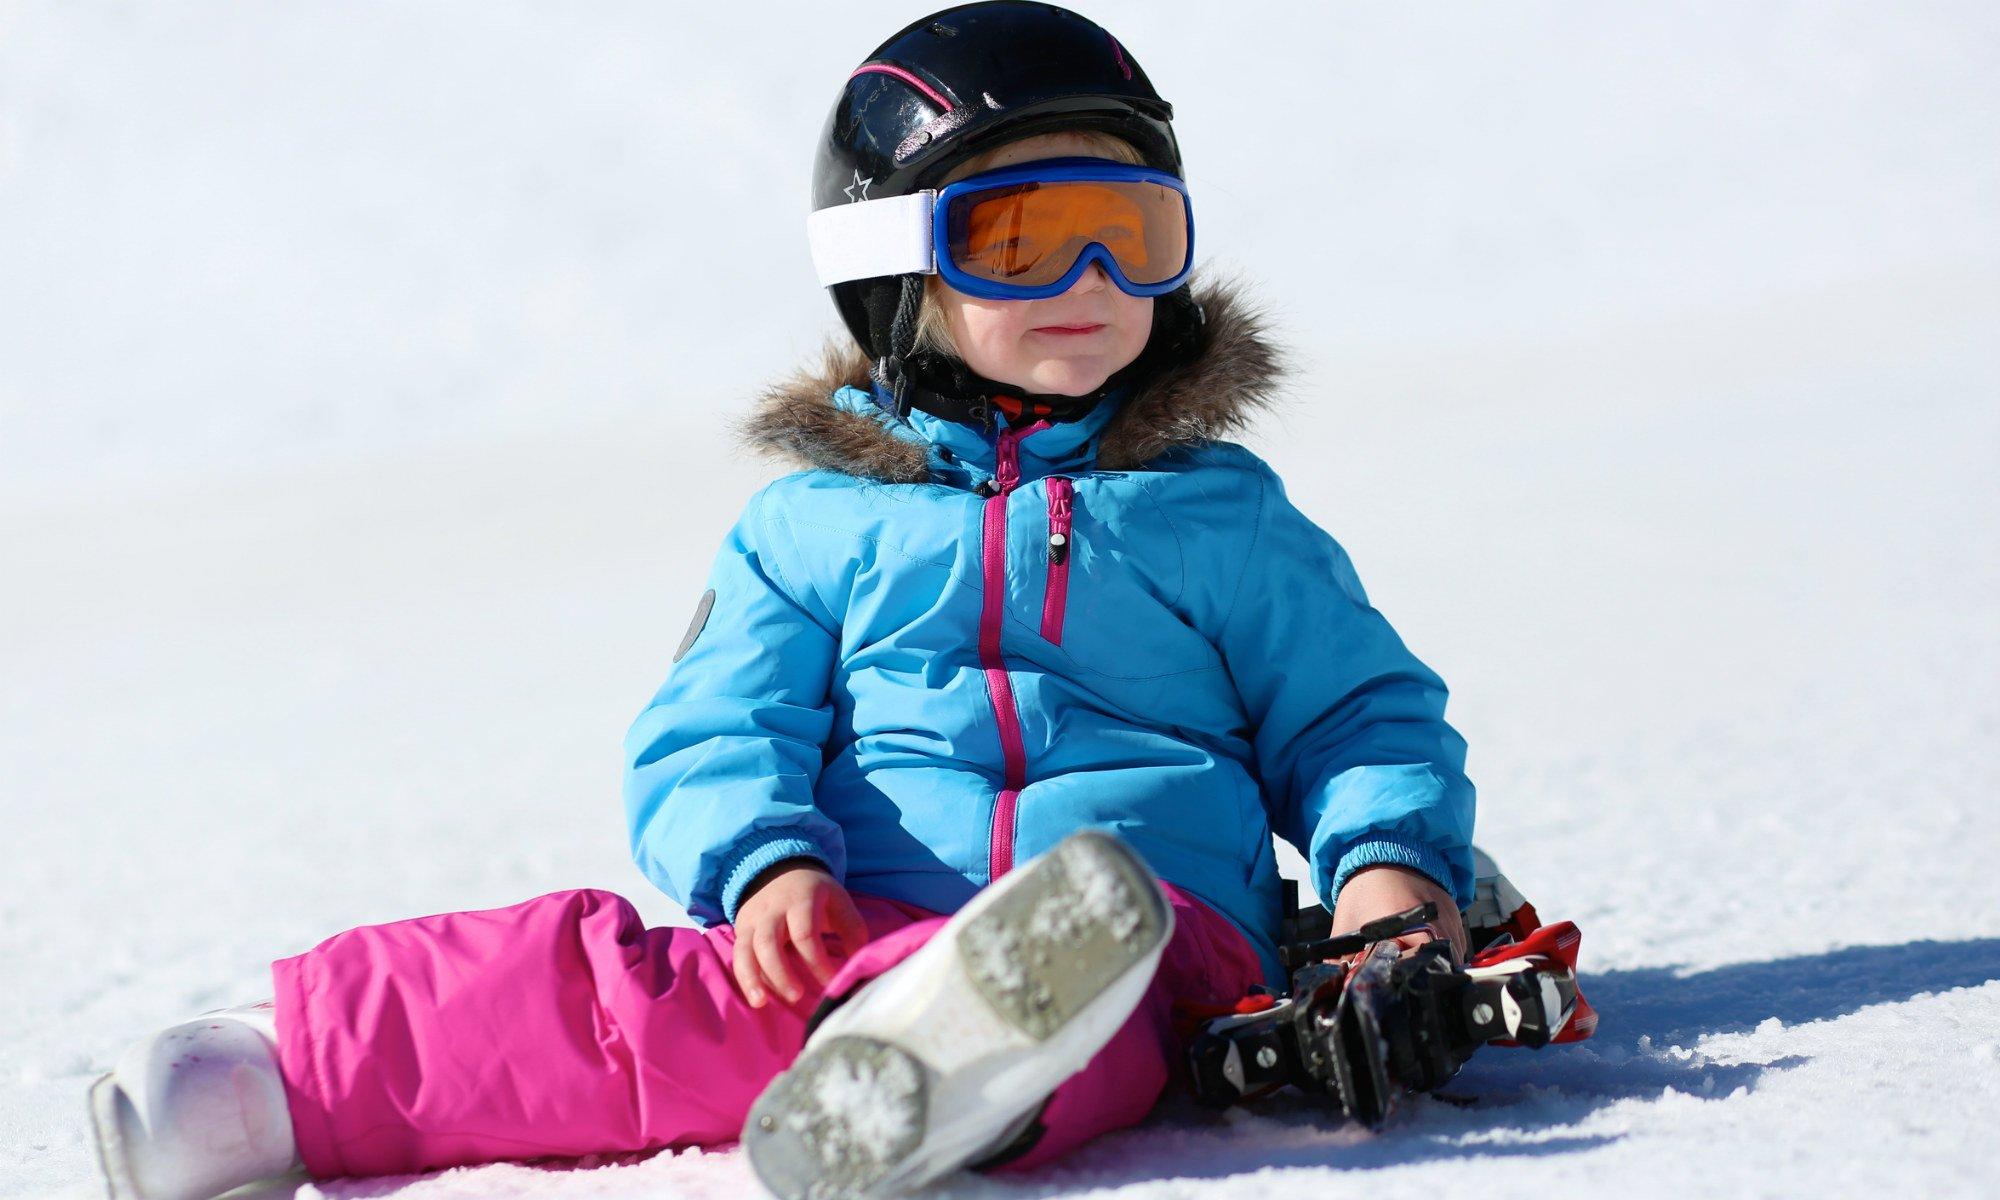 Ein glückliches Kind spielt im Schnee.